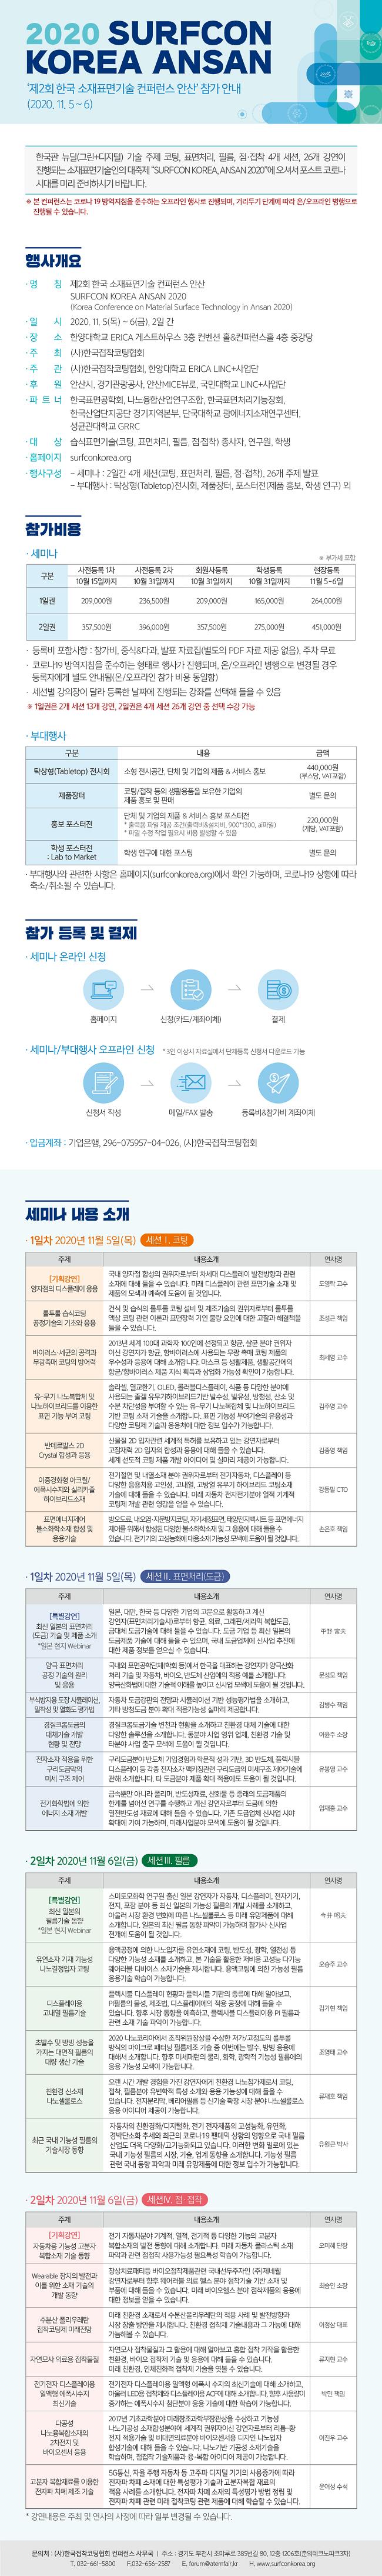 뉴스레터2차_공지용(650).png